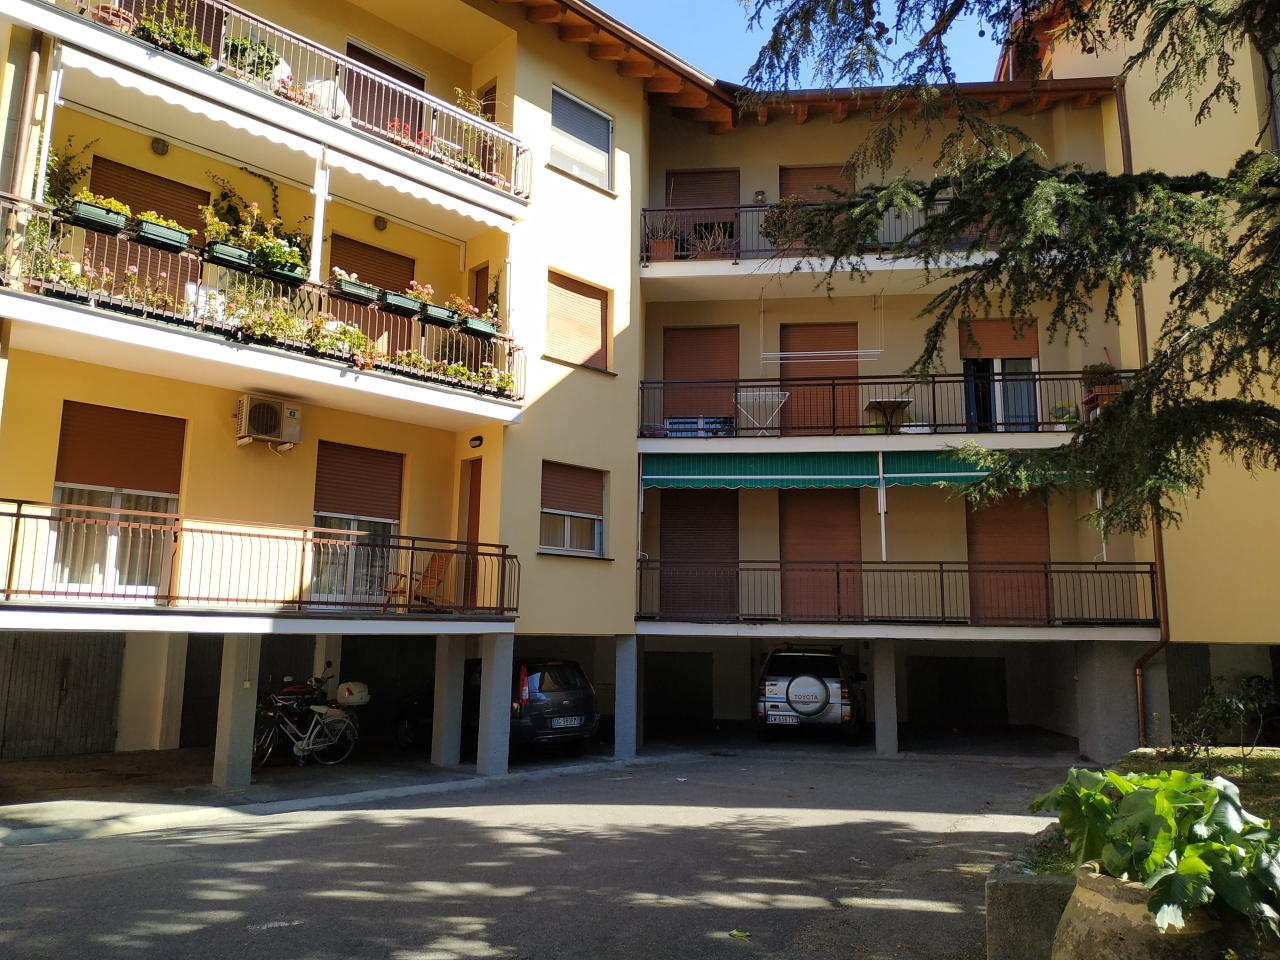 Appartamento in vendita a Sestri Levante, 7 locali, prezzo € 340.000   CambioCasa.it